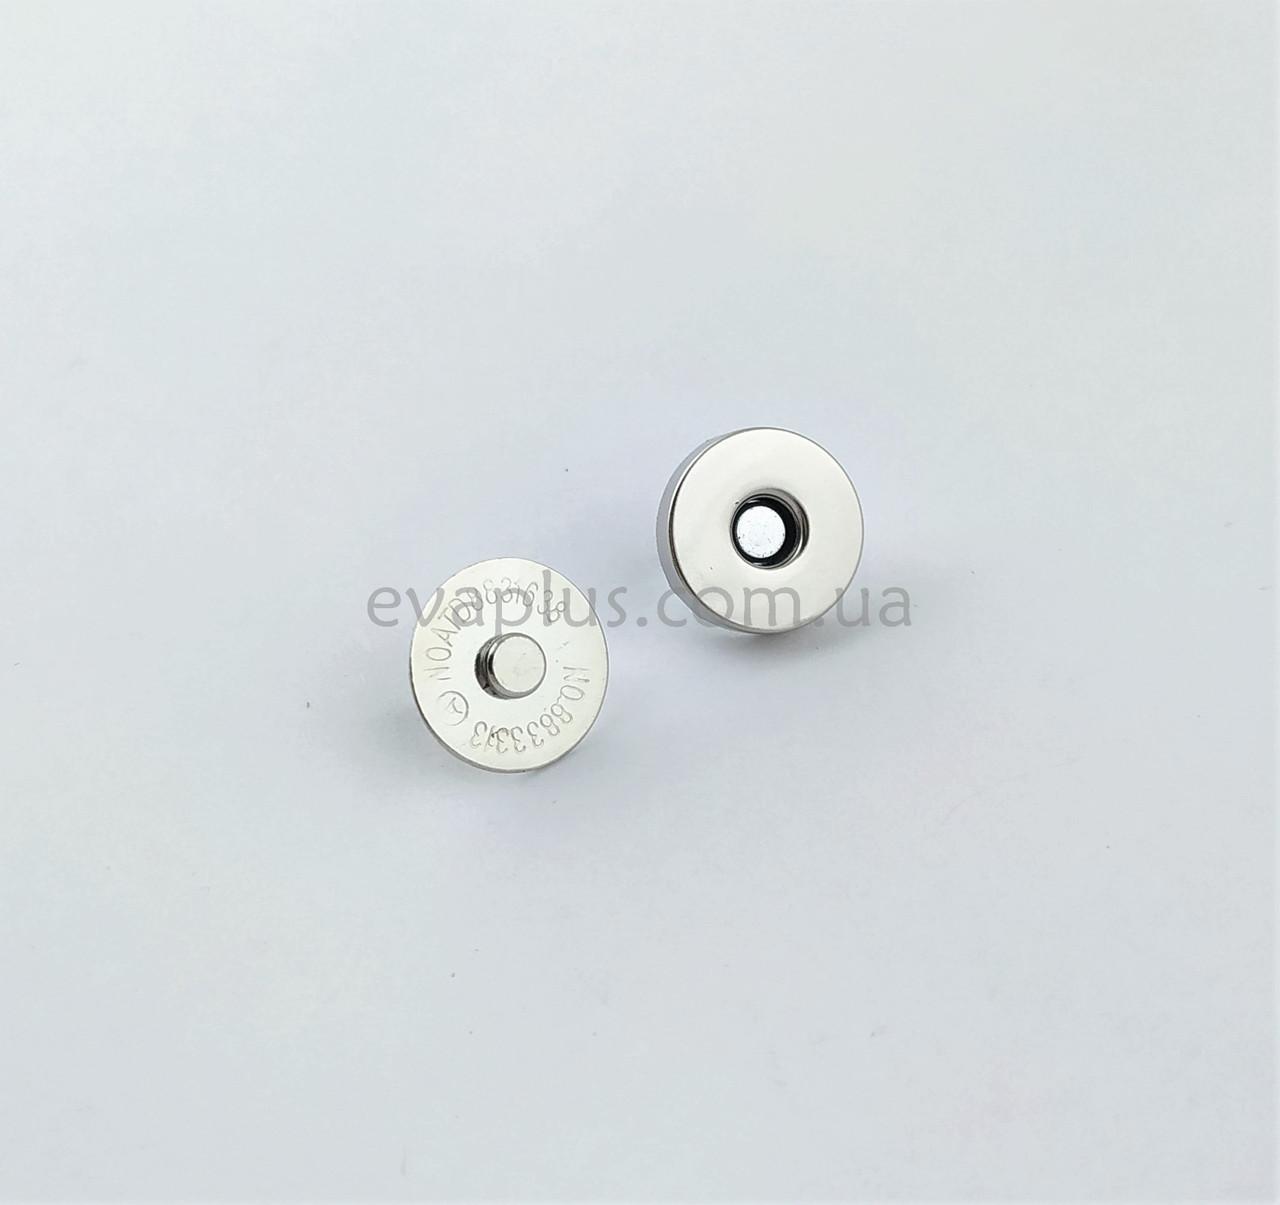 Магнитная кнопка для сумки Т5106 никель